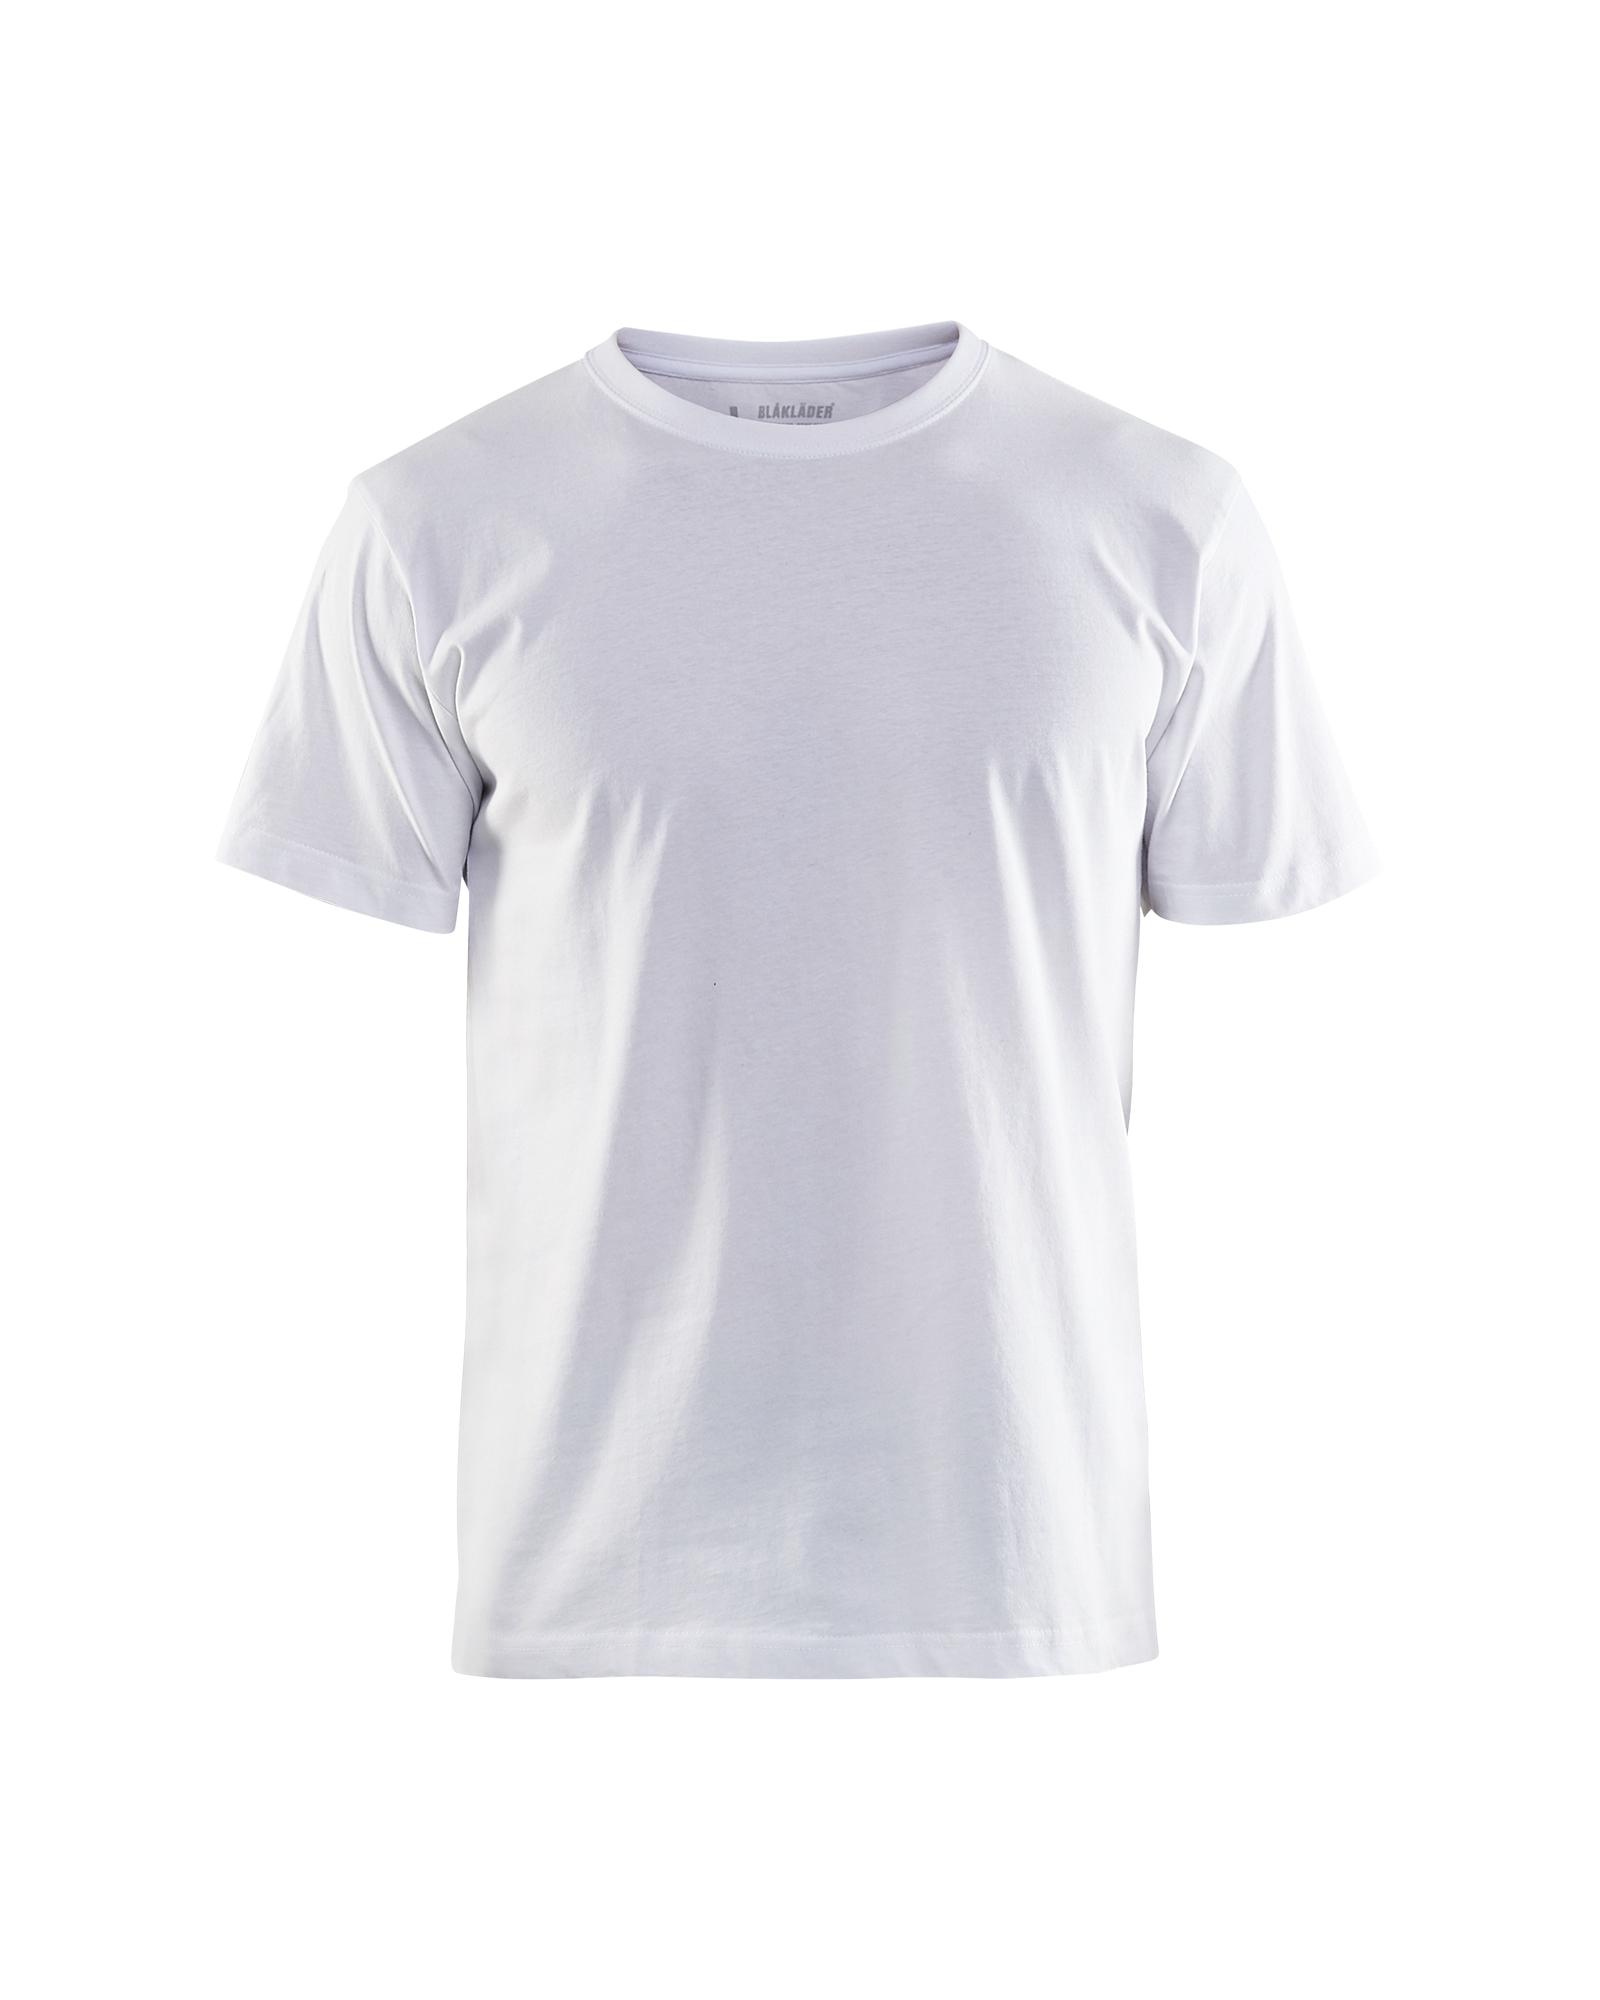 Skjorter og overdeler Ragnaråkk